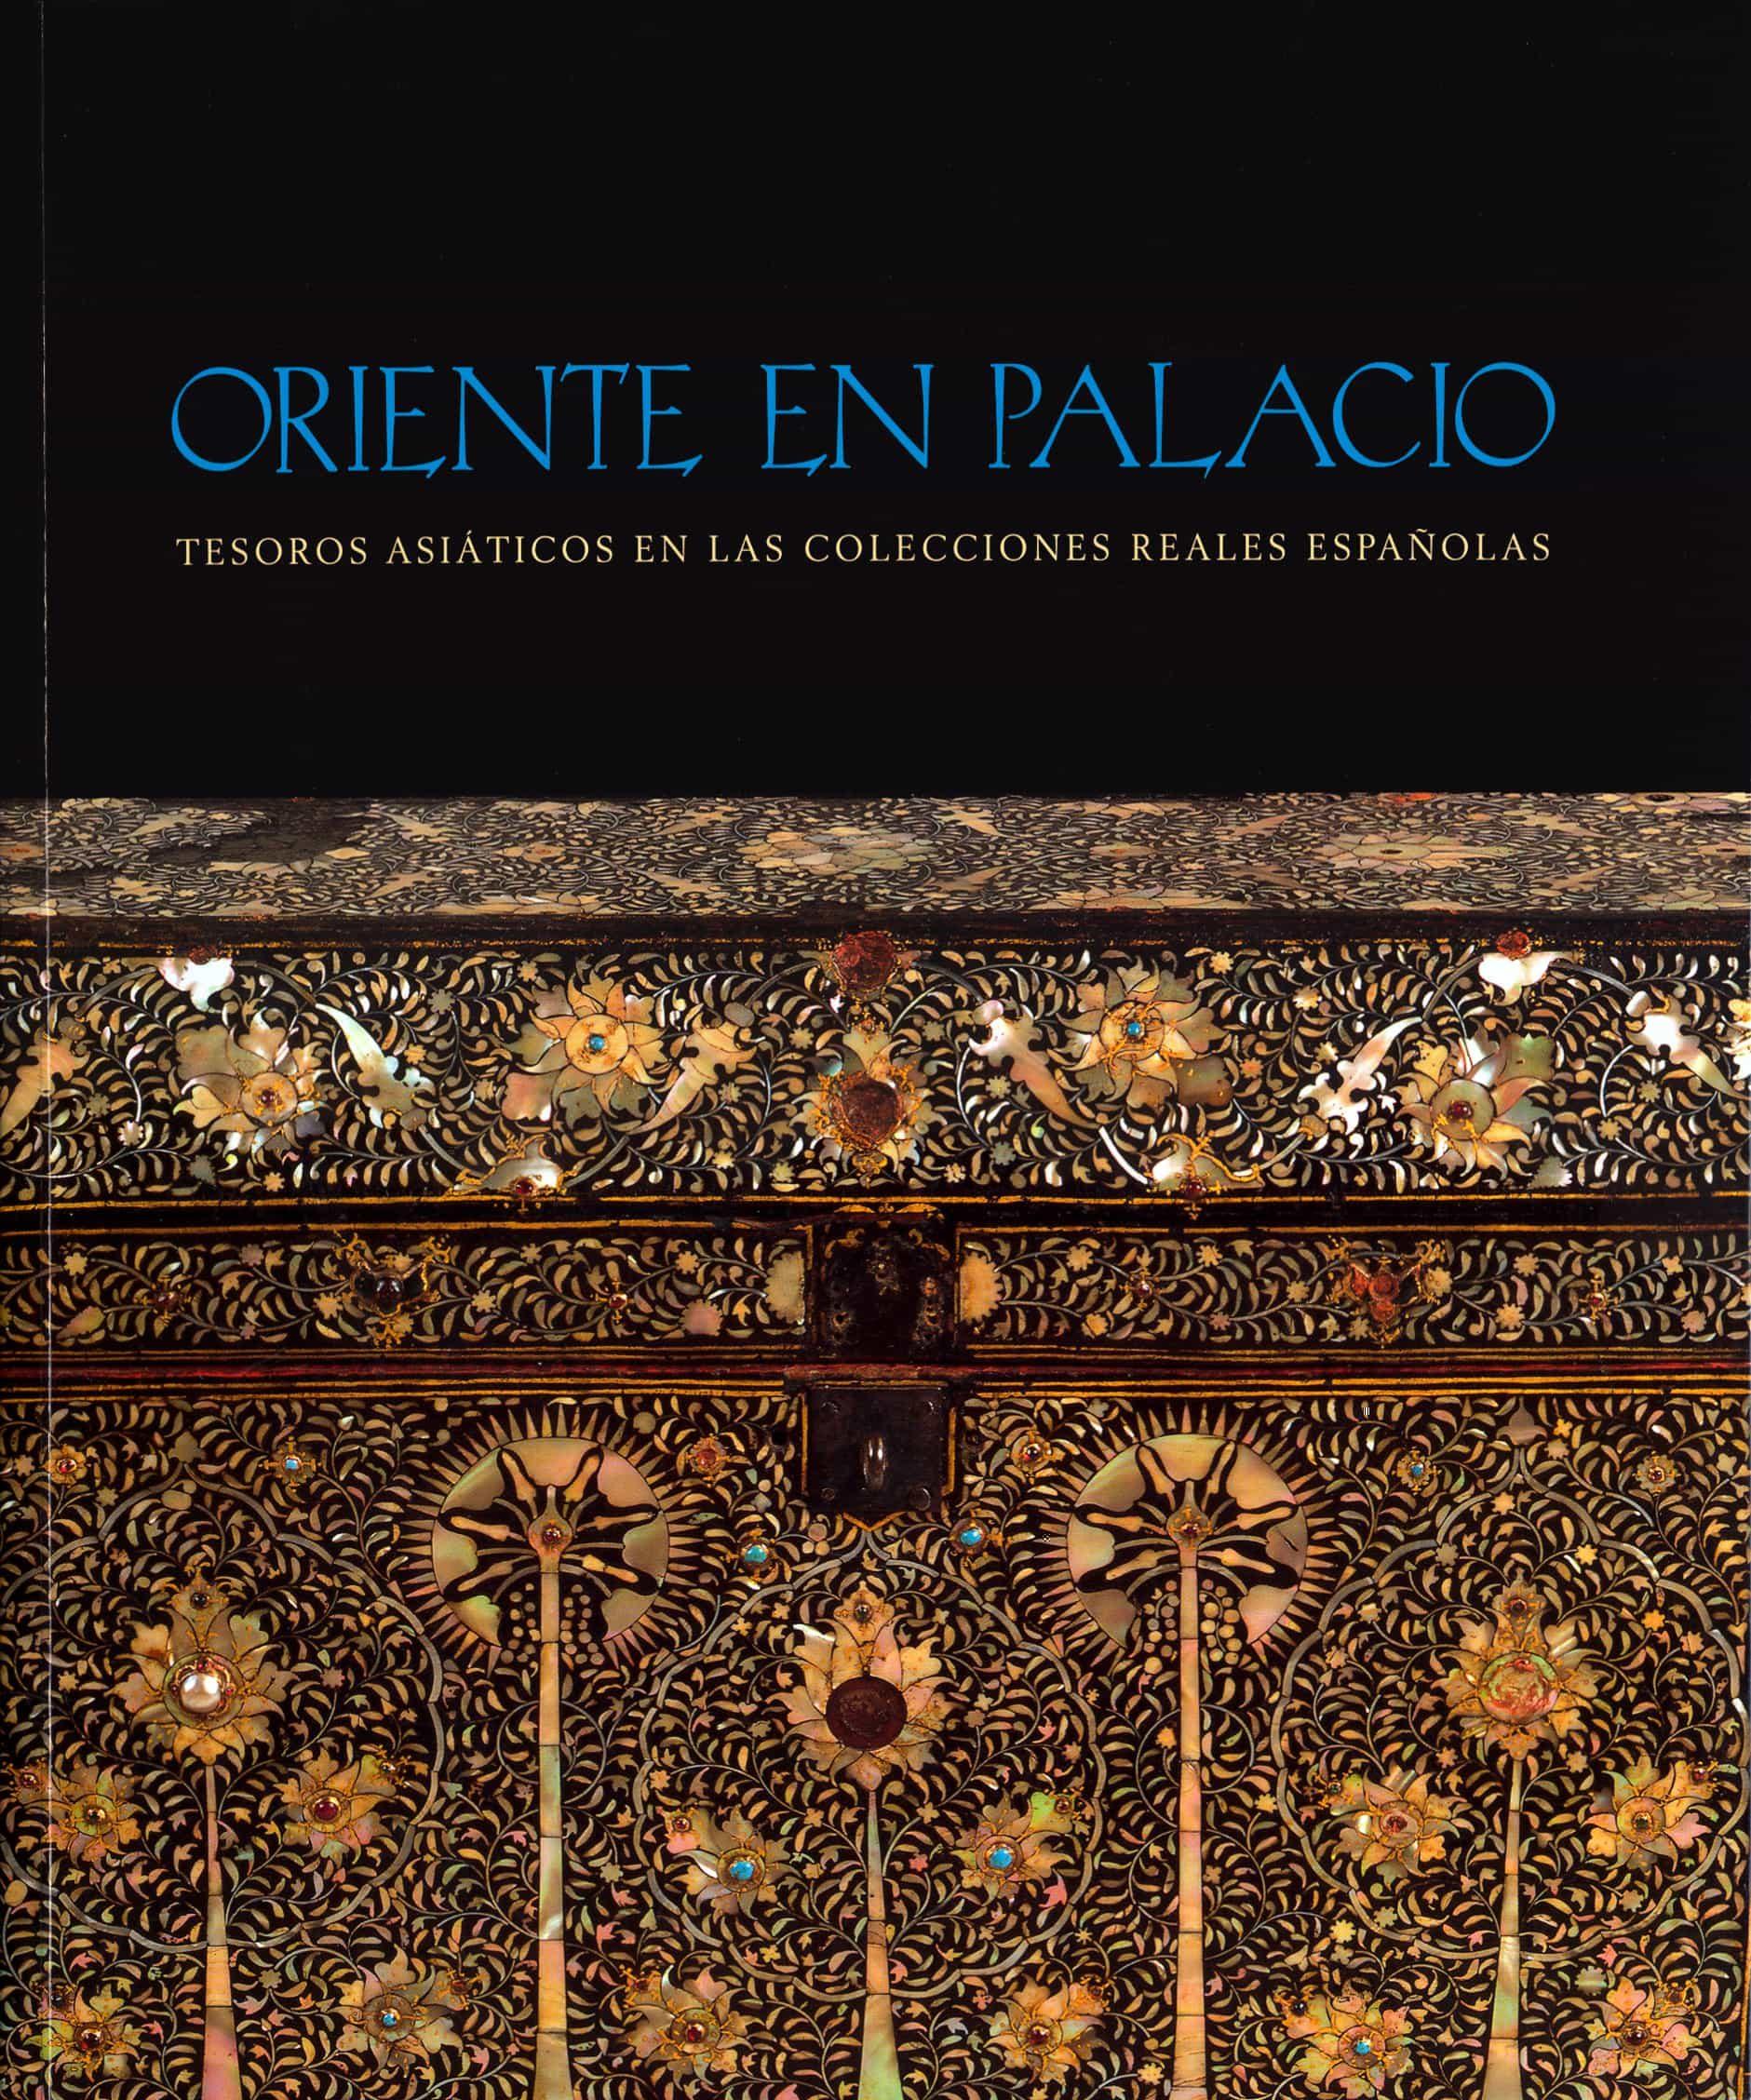 oriente en palacio tesoros asiaticos en las colecciones reales e spaolas catalogo de exposicion